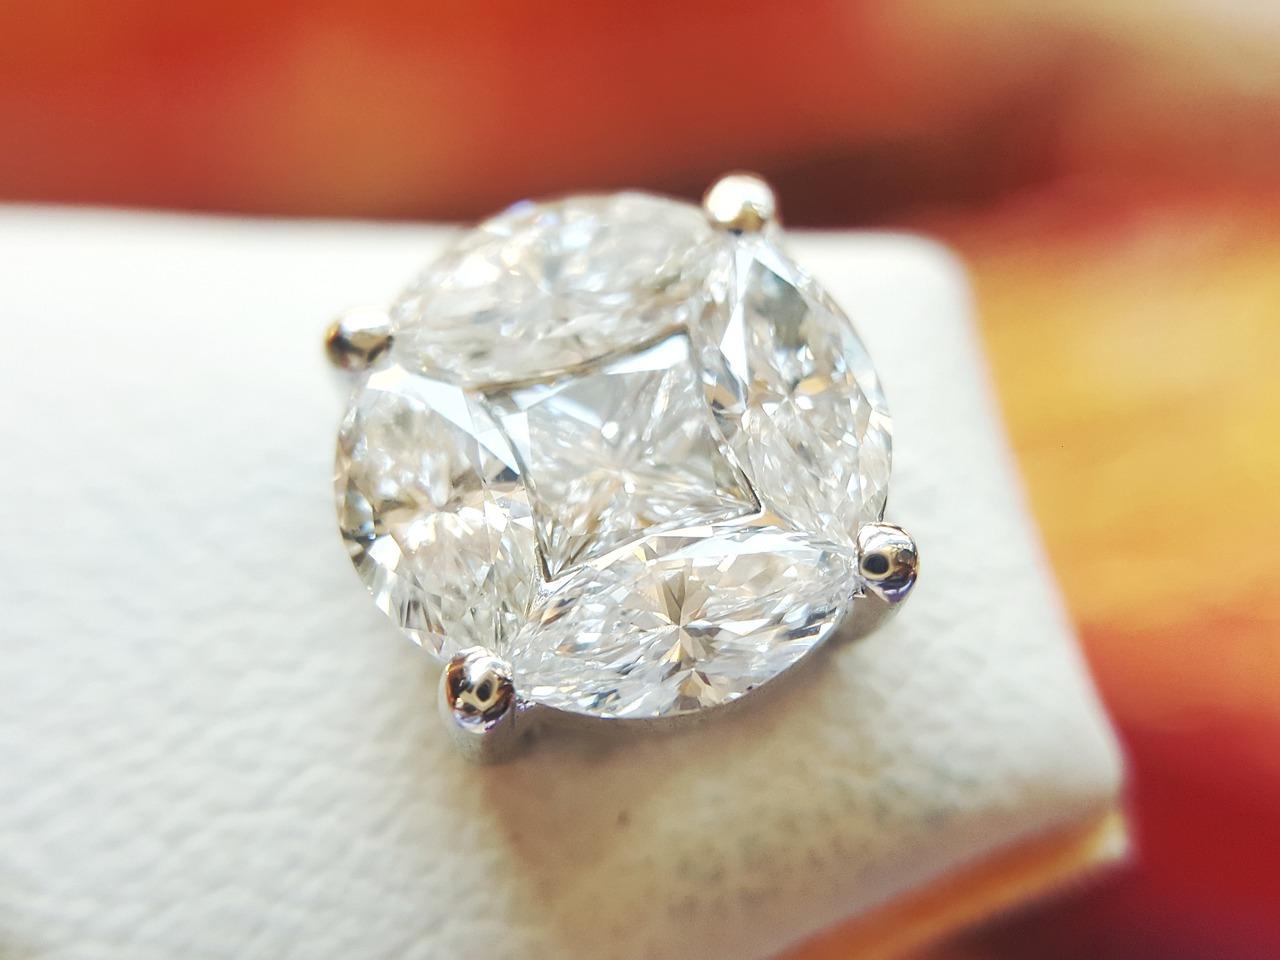 כיצד יהלומים מקבלים את צבעם?